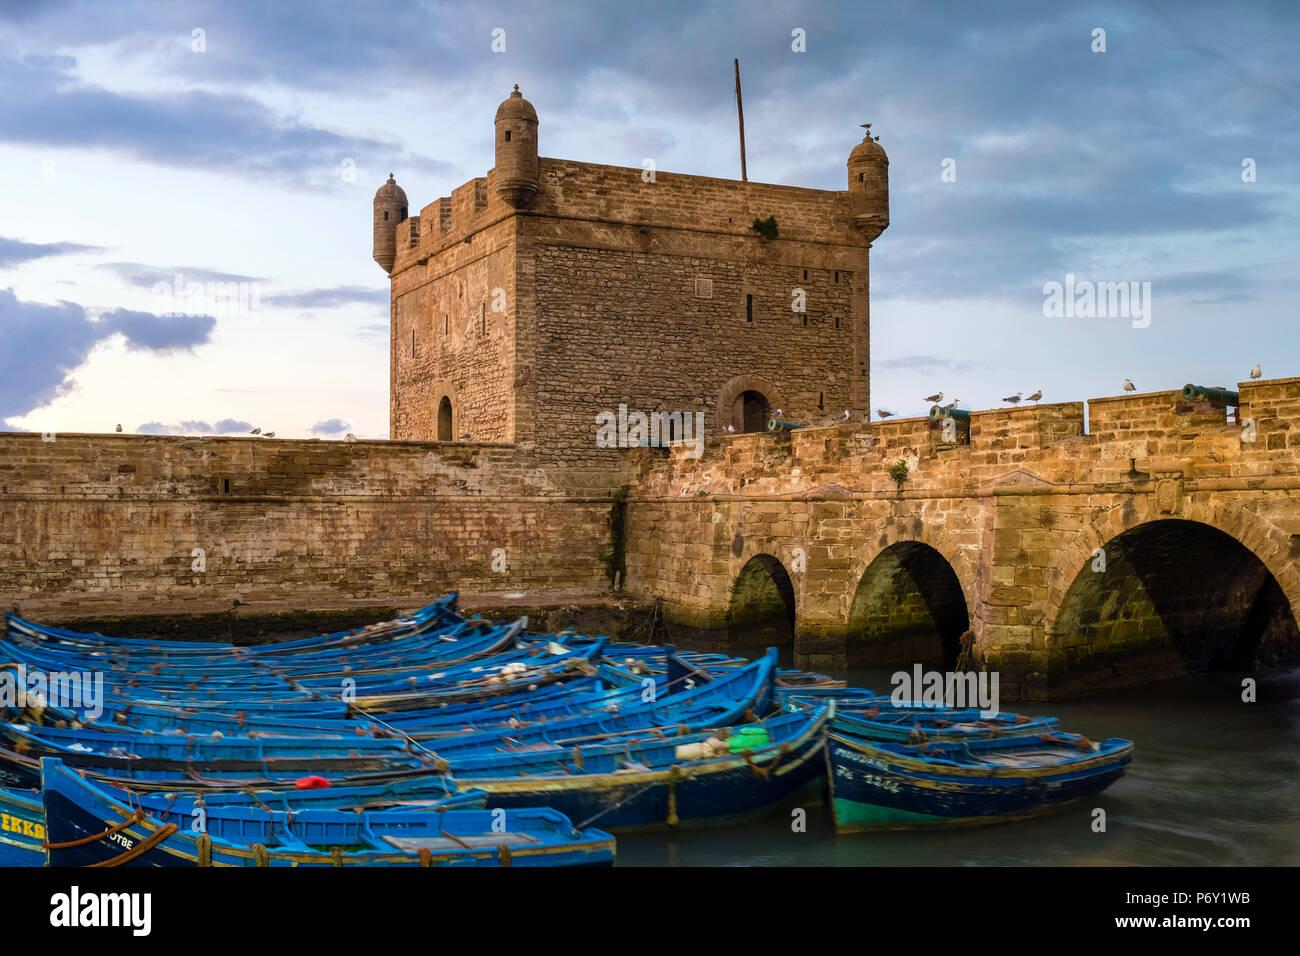 Le Maroc, Marrakesh-Safi Marrakesh-Tensift-El Haouz (région), Essaouira. Skala du port, 18e siècle sur les remparts du front de mer du port de pêche au crépuscule. Banque D'Images